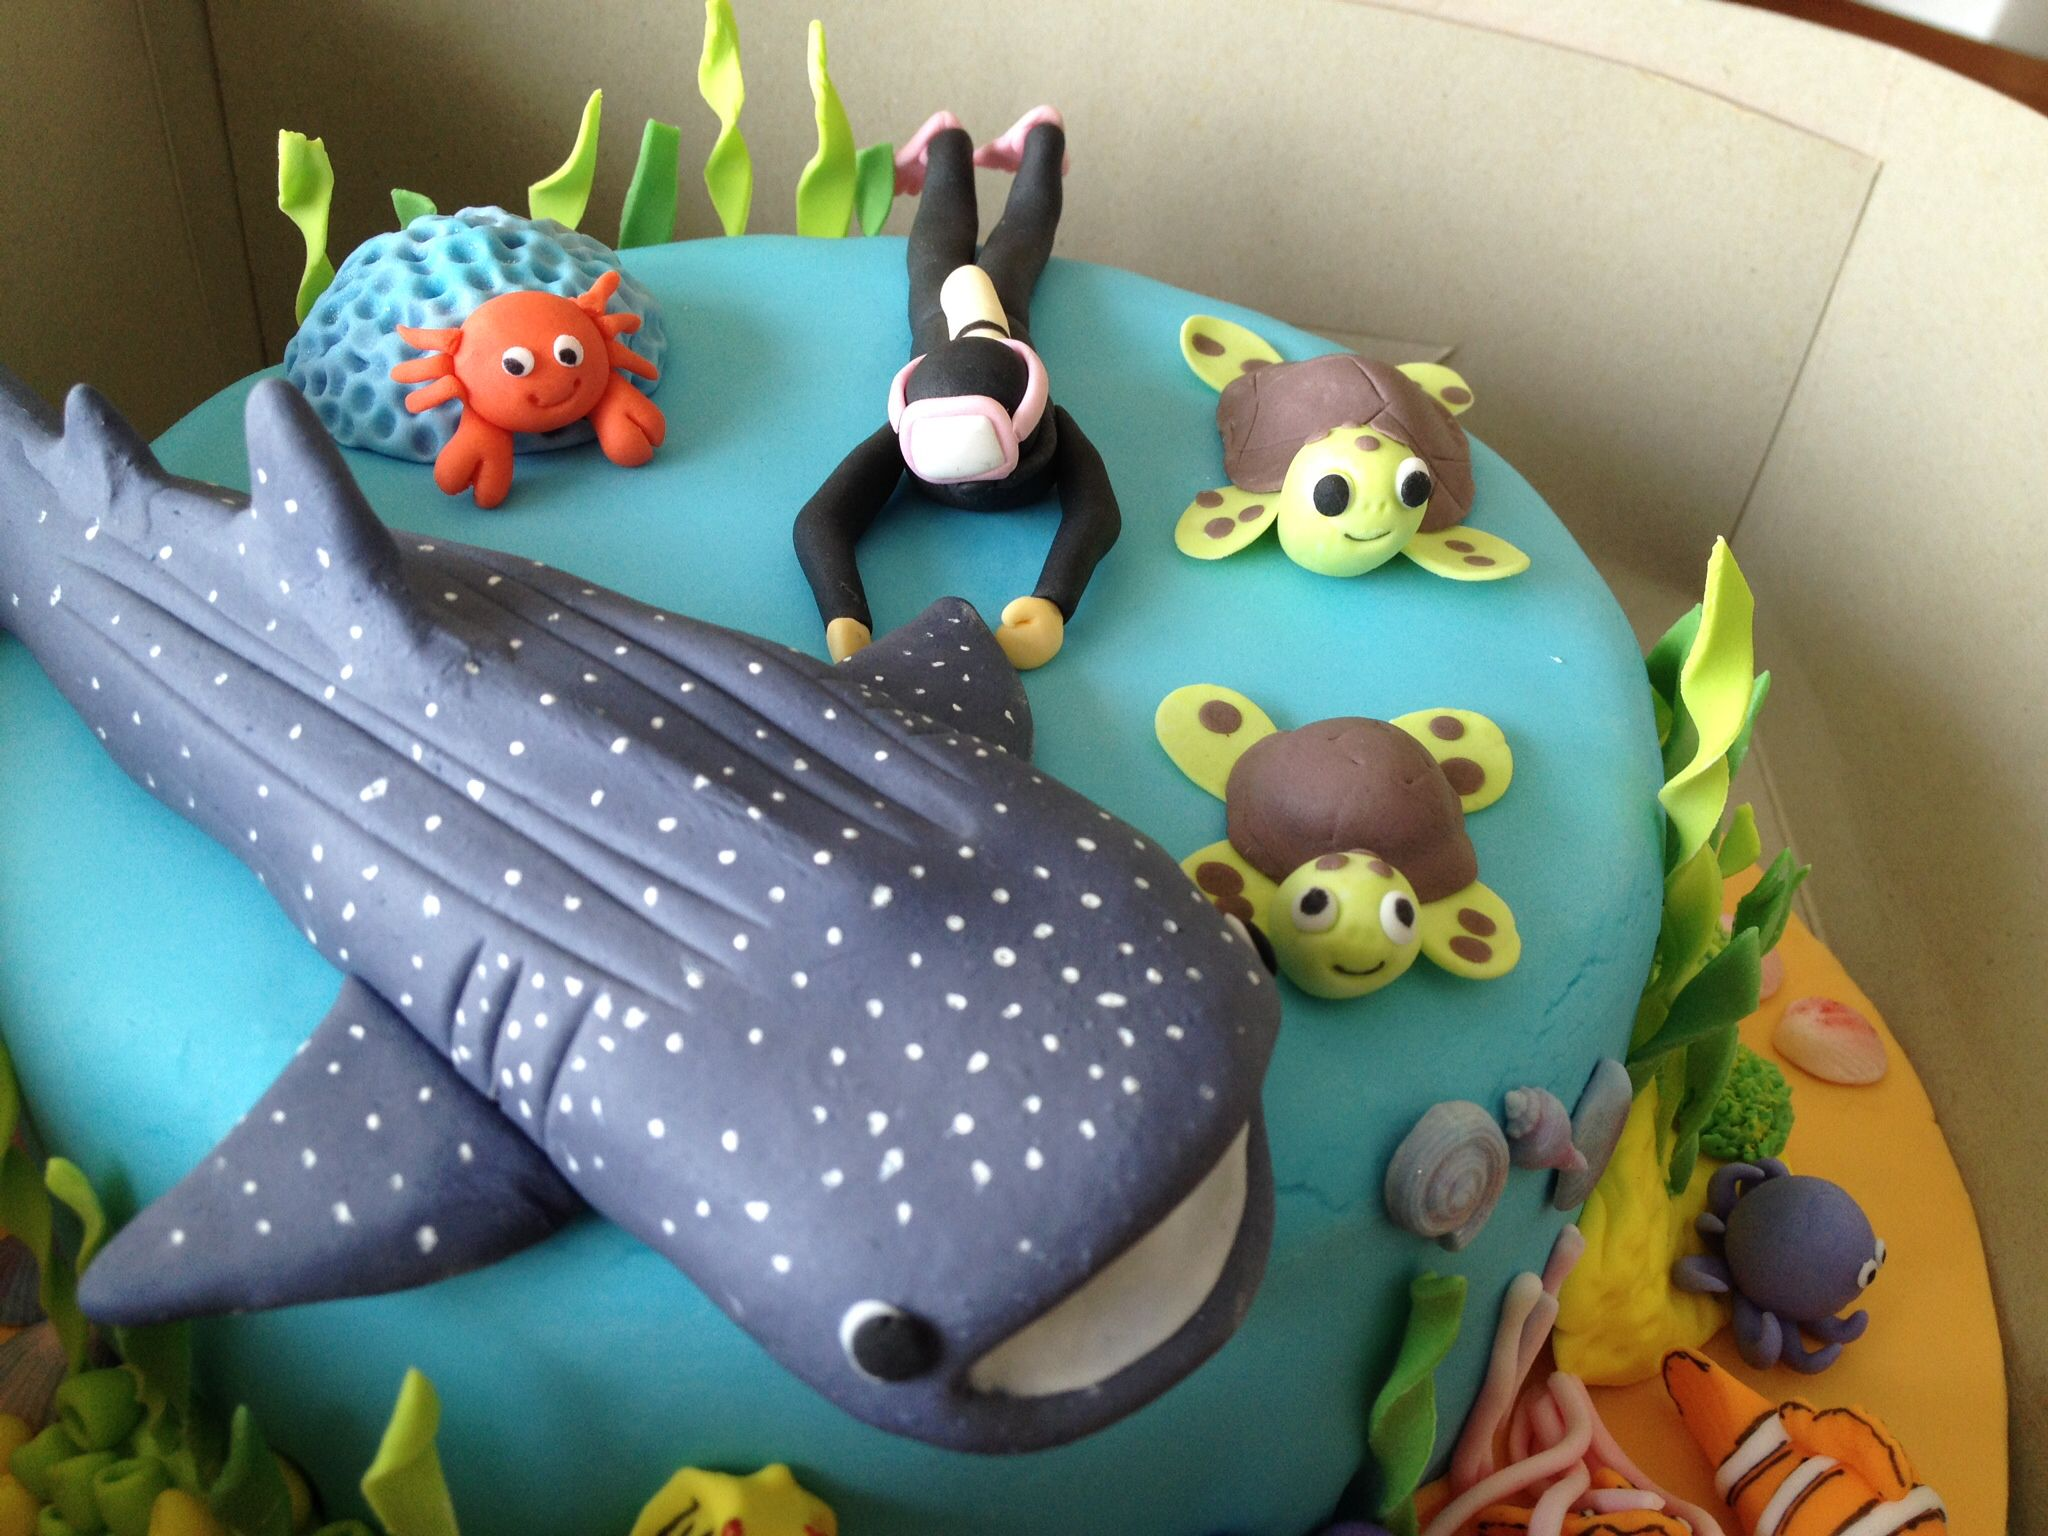 торт с крокодилами фото и акулами уникальных